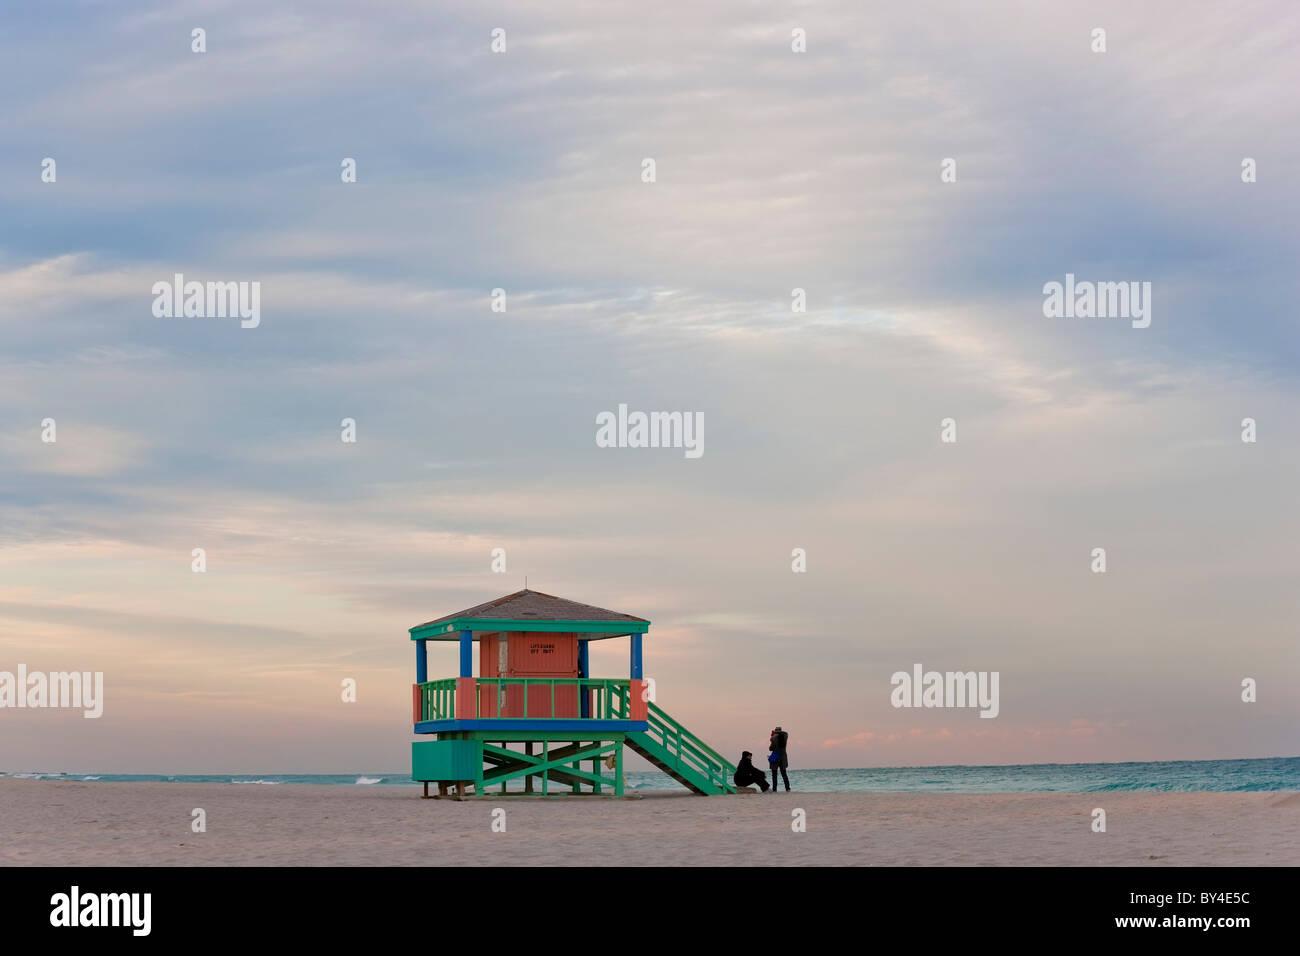 Bagnino Capanna, di mattina presto, South Beach, Miami, Florida, Stati Uniti d'America Immagini Stock